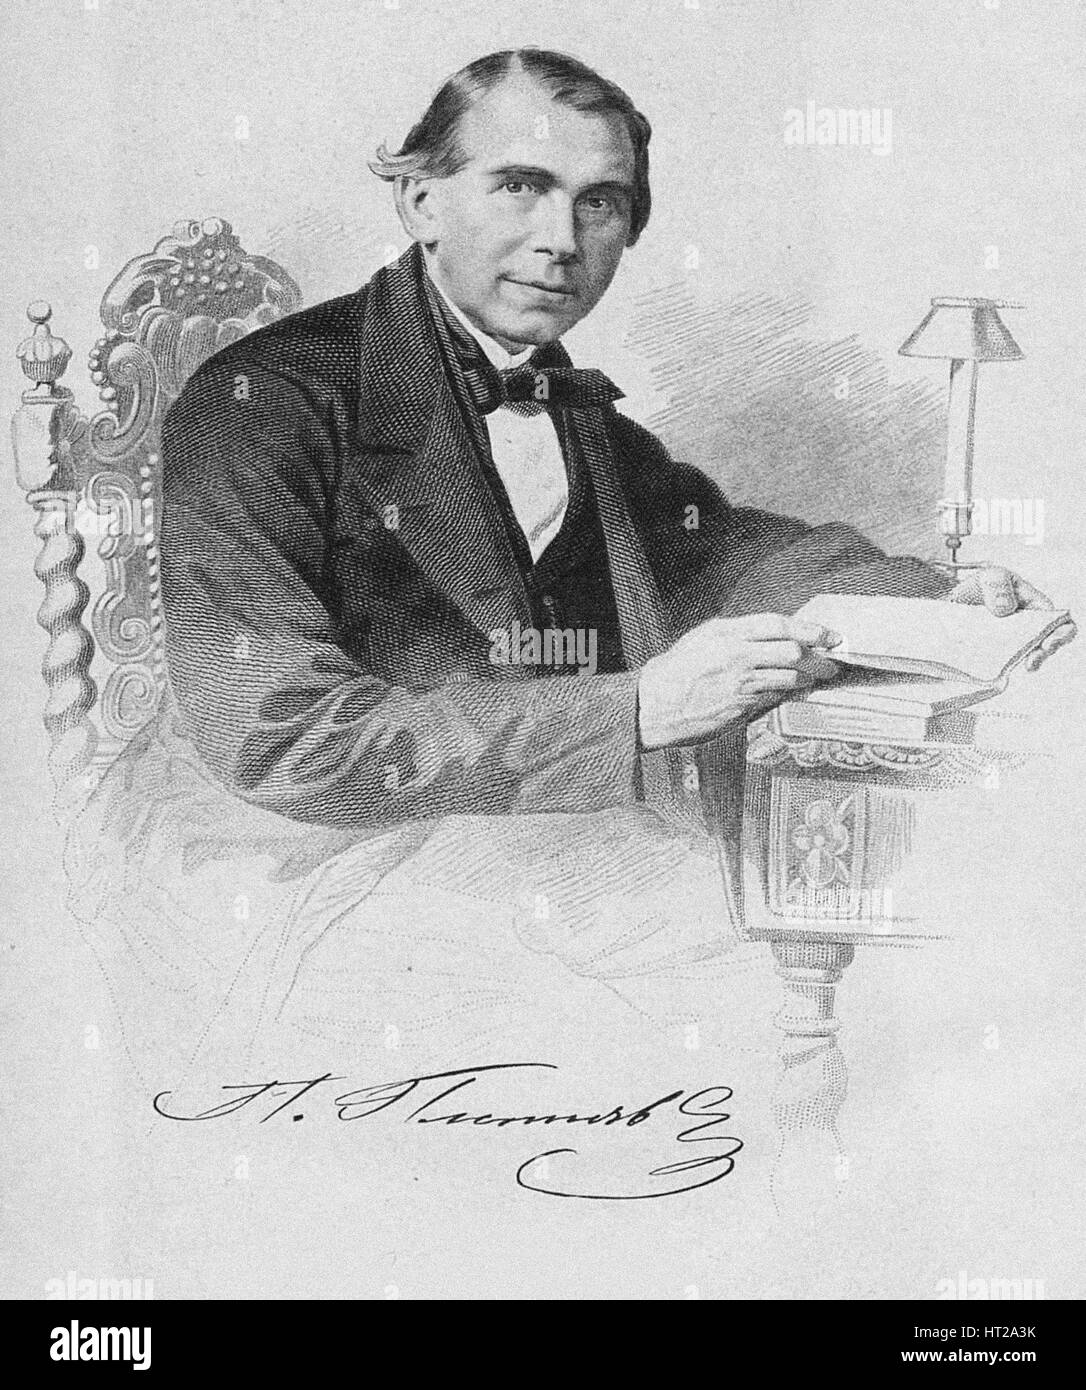 Pyotr Alexandrovich Pletnyov (1791-1865), 1870. Artist: Iordan, Fyodor (1800-1883) - Stock Image